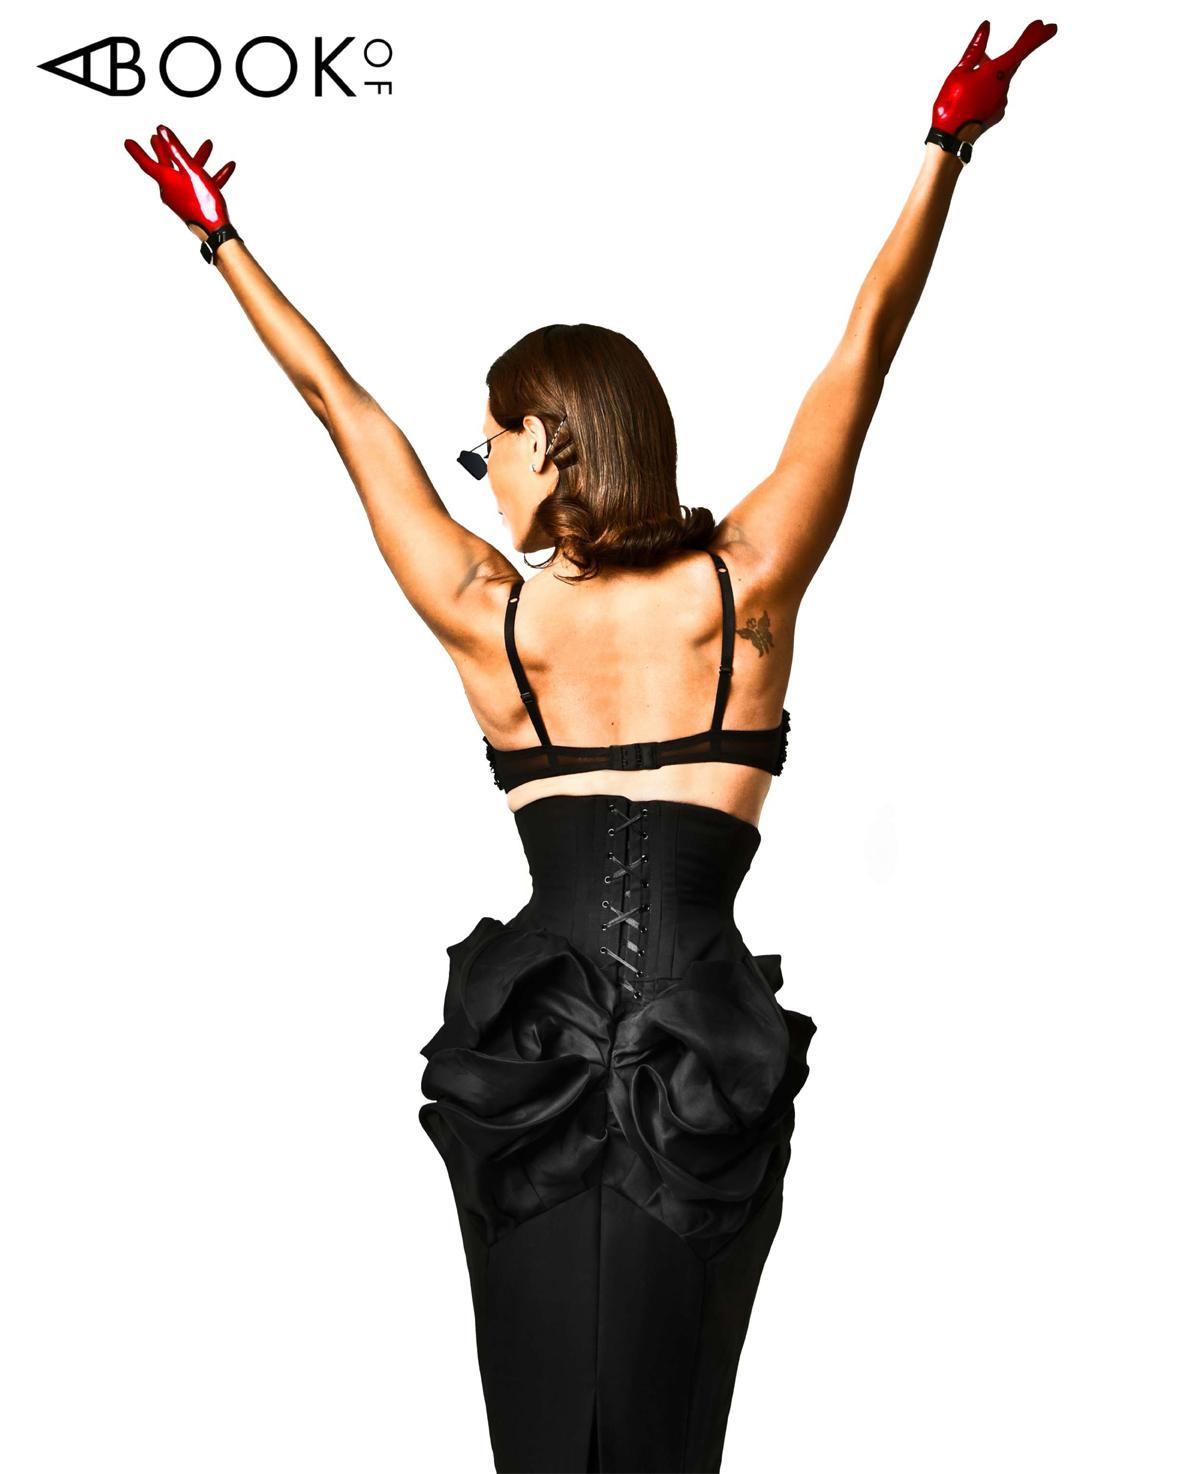 ABO LESLEY-ANN BRANDT_Claudia Savage_Back.jpg